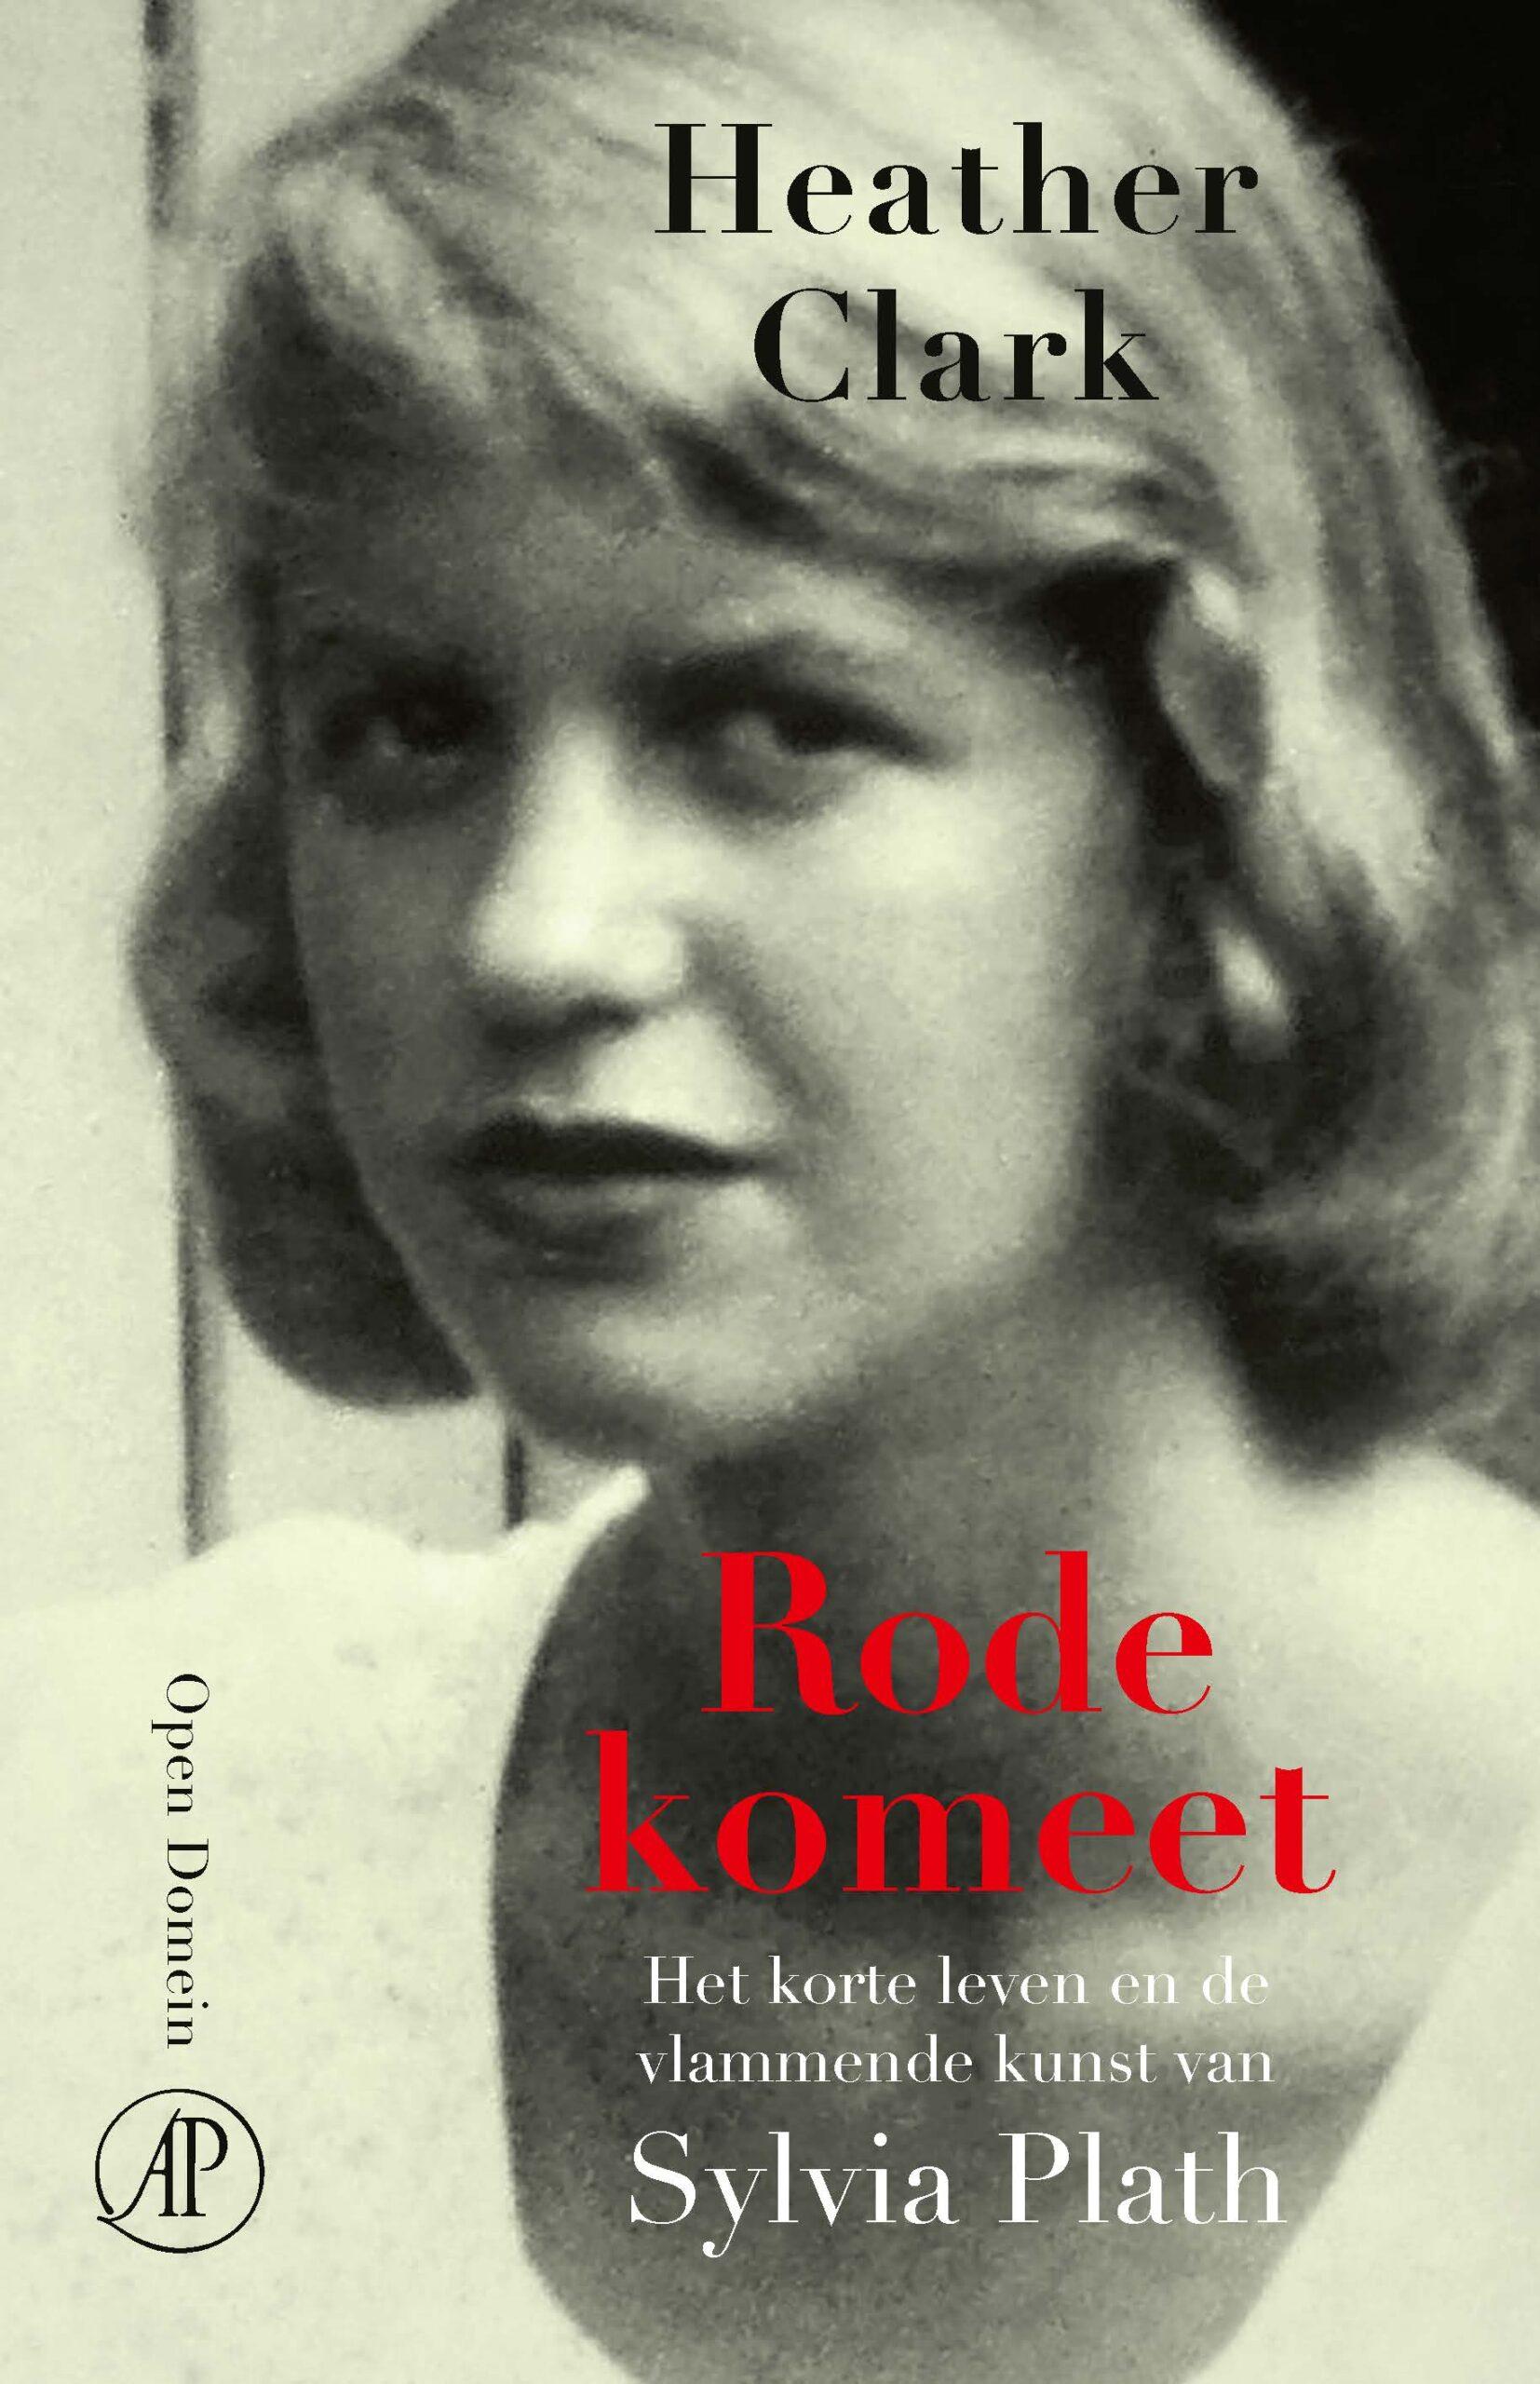 Rode komeet - boekenflits